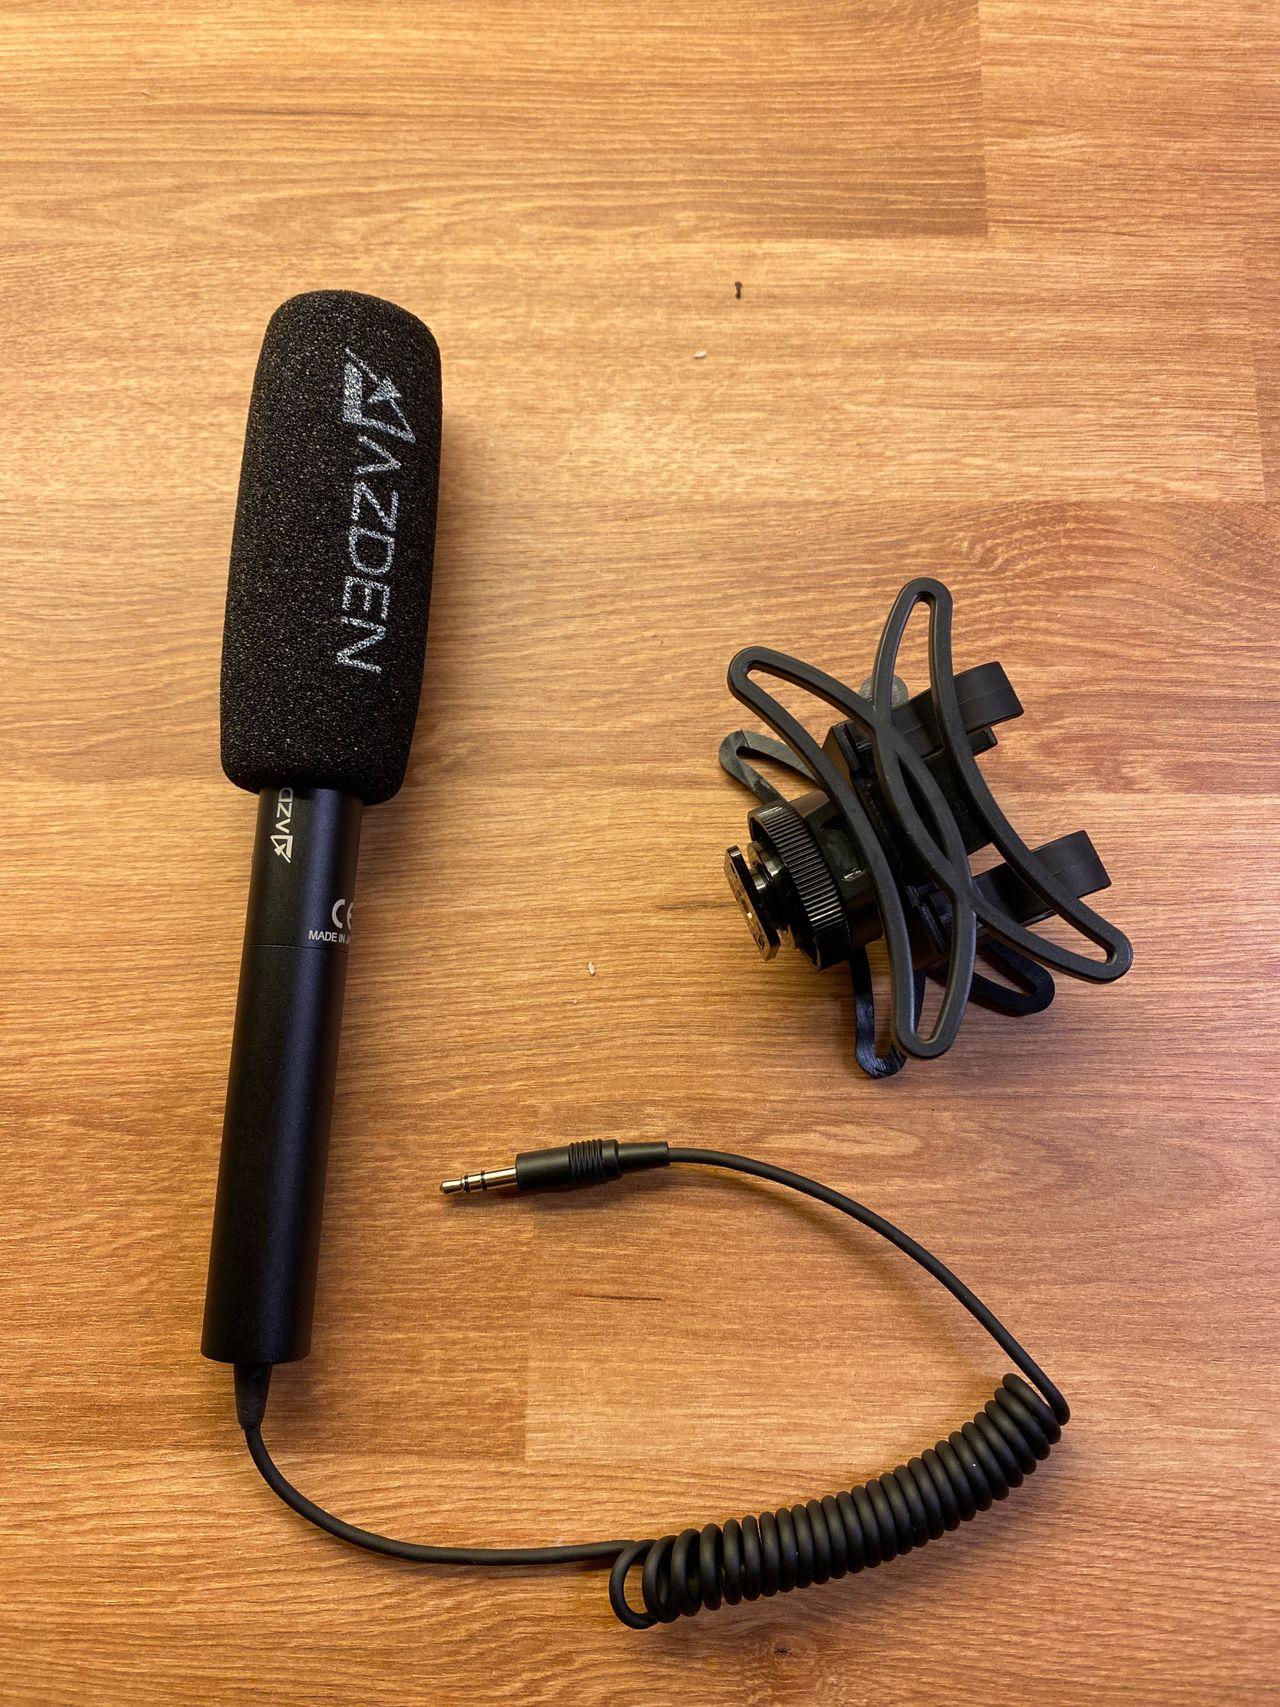 Azden SMX 10 mikrofon Mikrofon Elkjøp